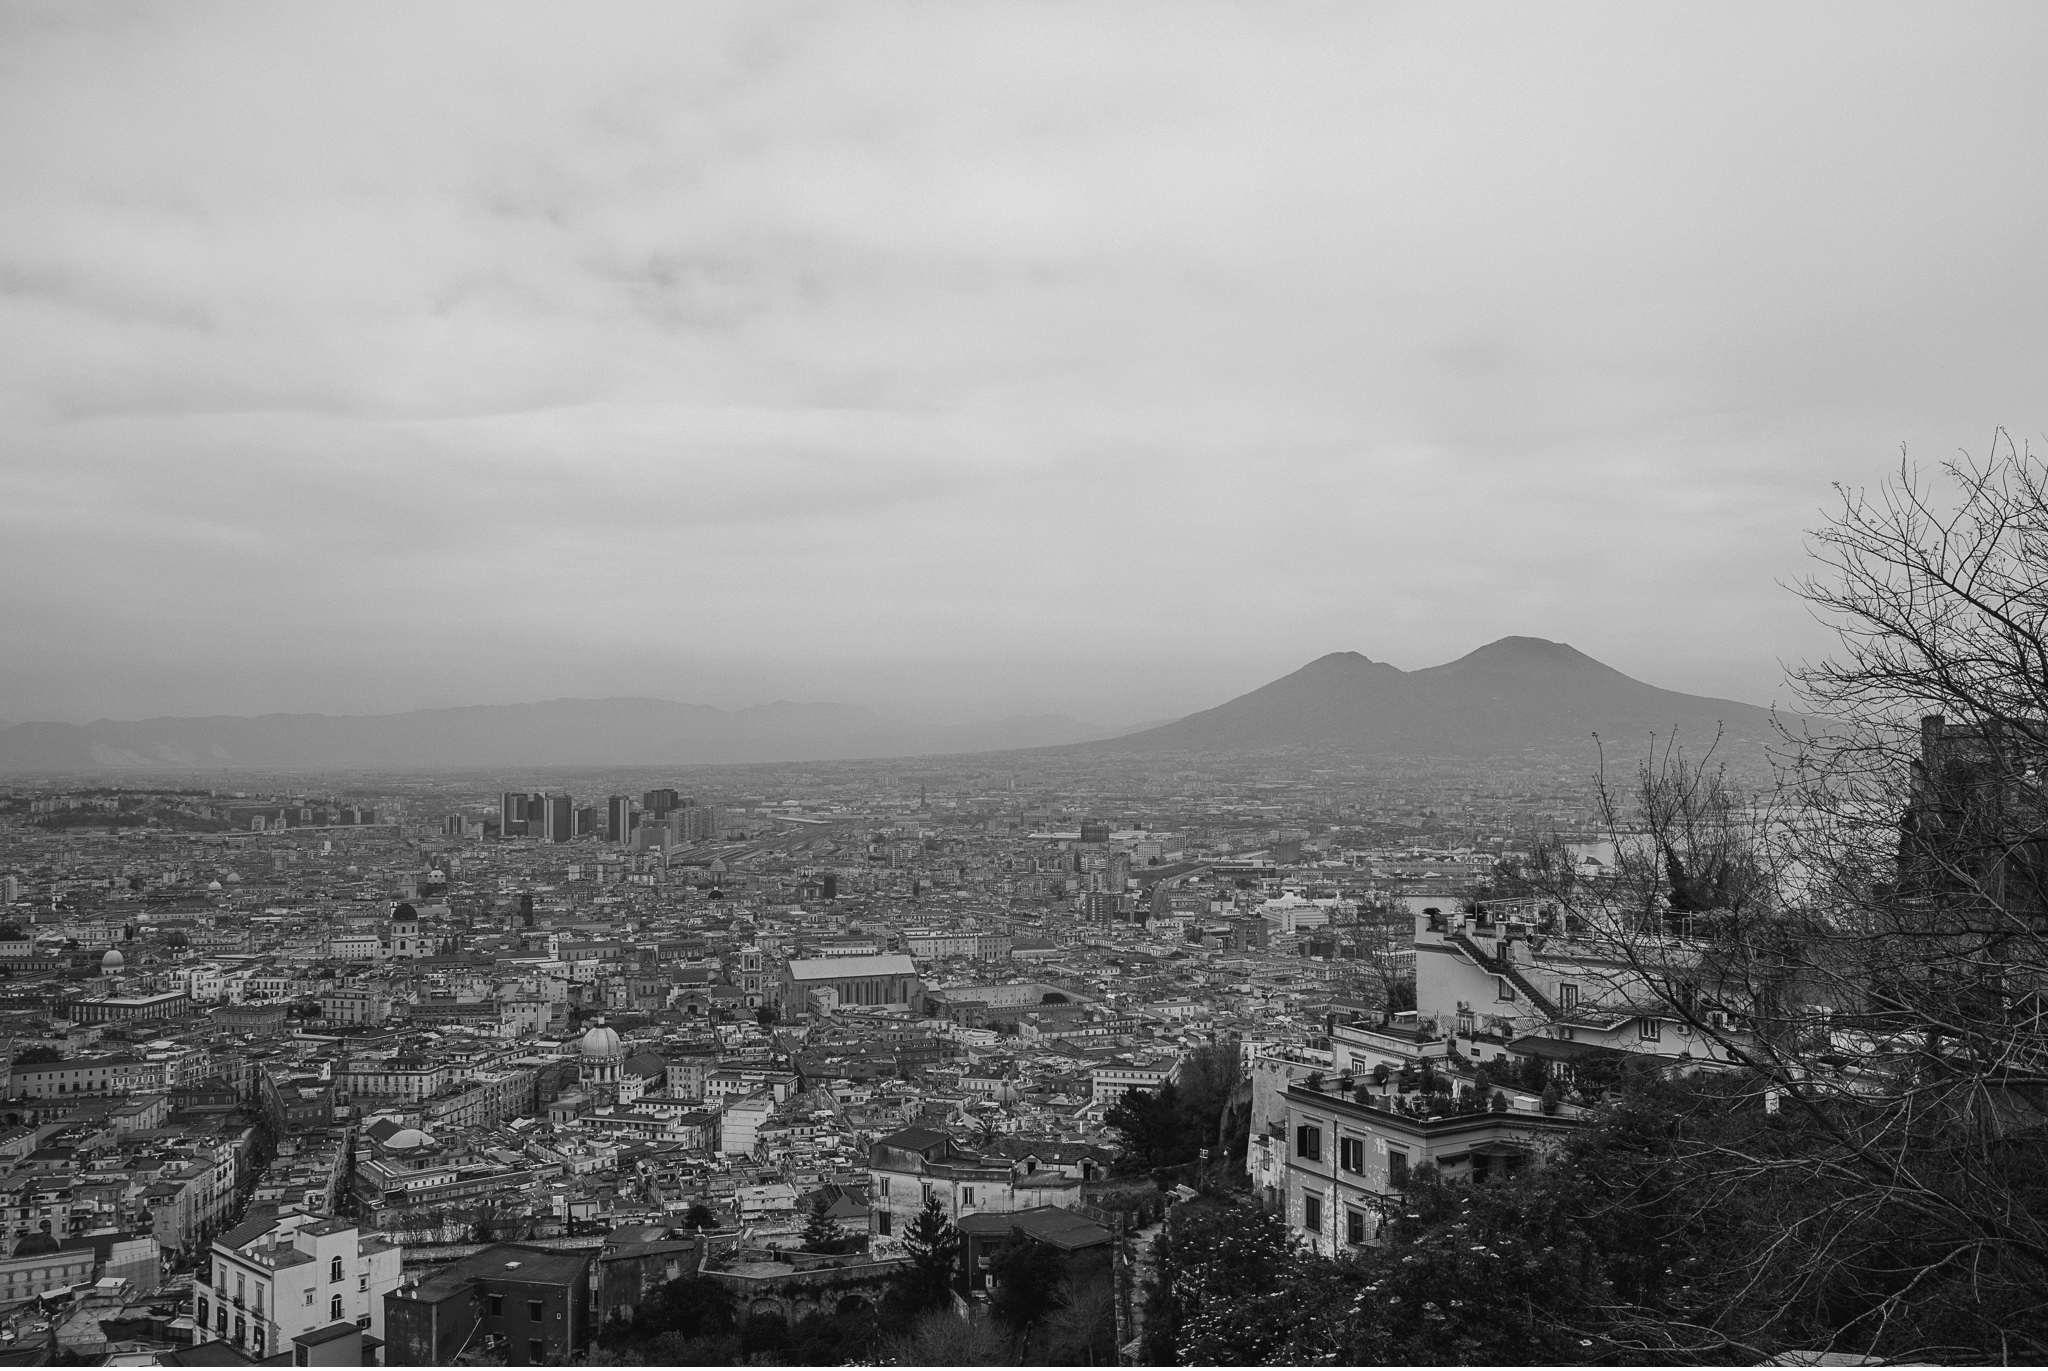 Interrail Reise - Italien Neapel - Geschichten von unterwegs - Foto Daniel Kempf-Seifried-103